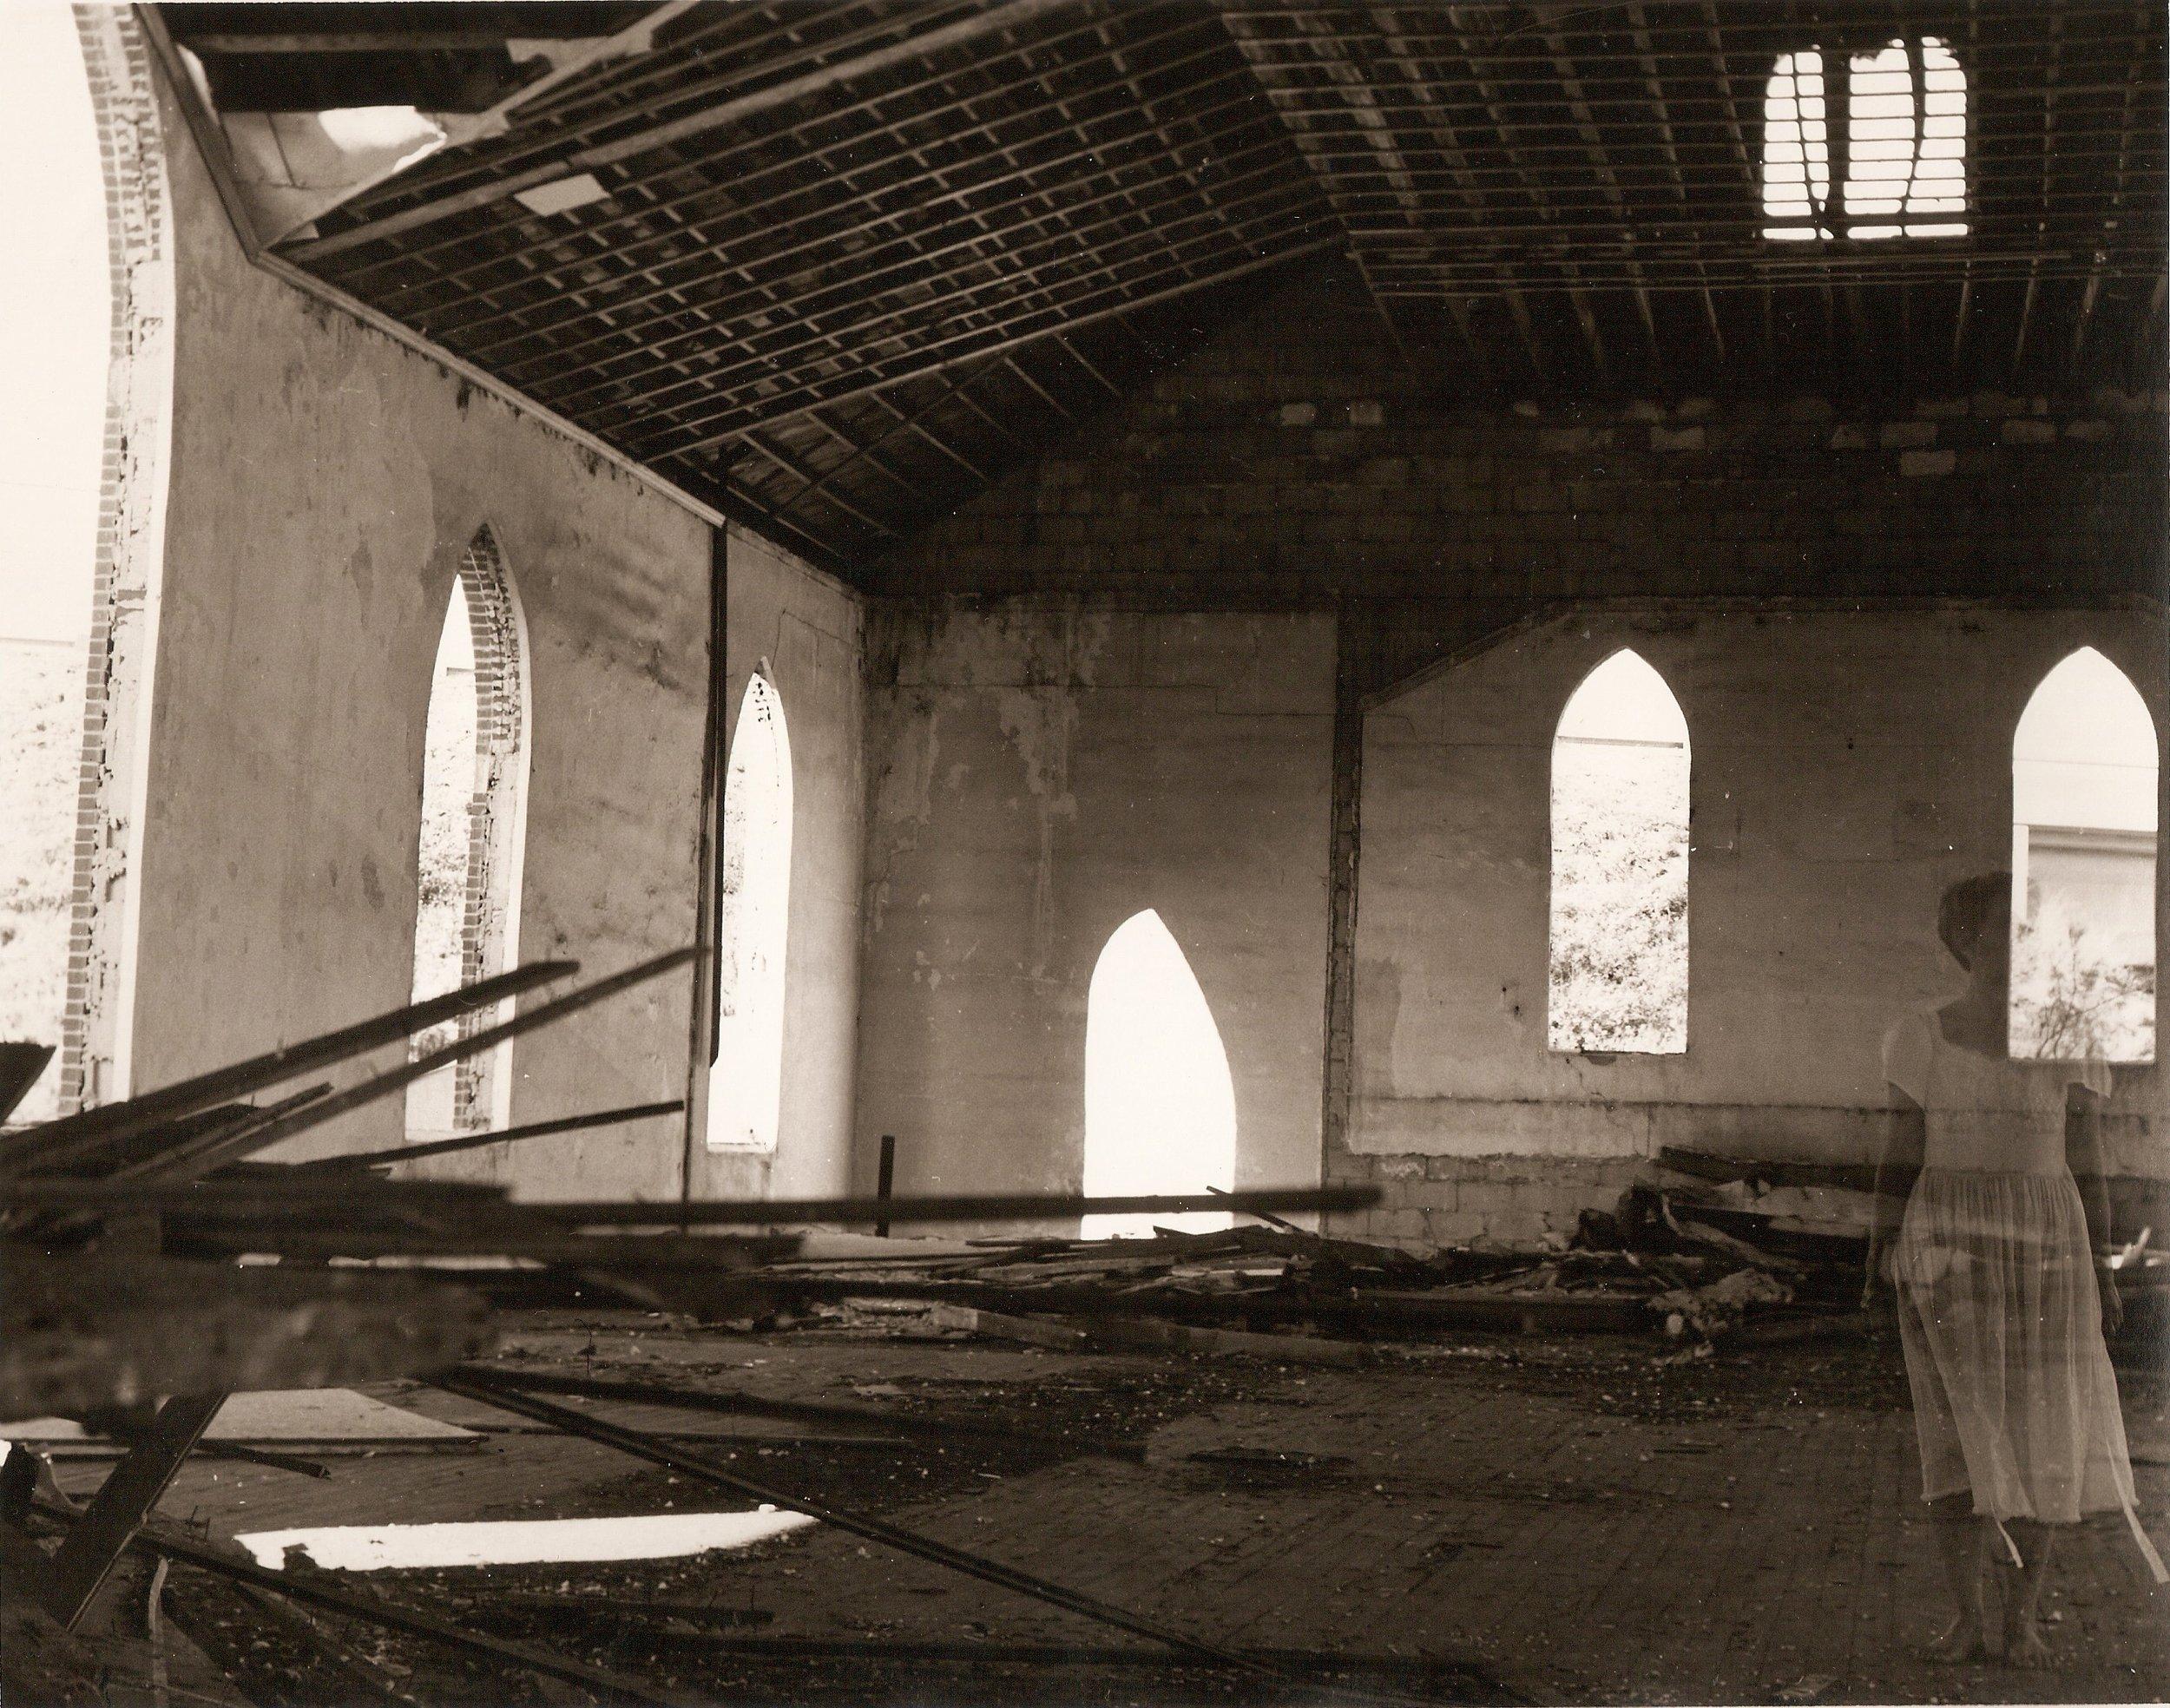 Loren Ellis Mother ghost  in Florida Church 3 of 5 8 by 10 1981.jpg